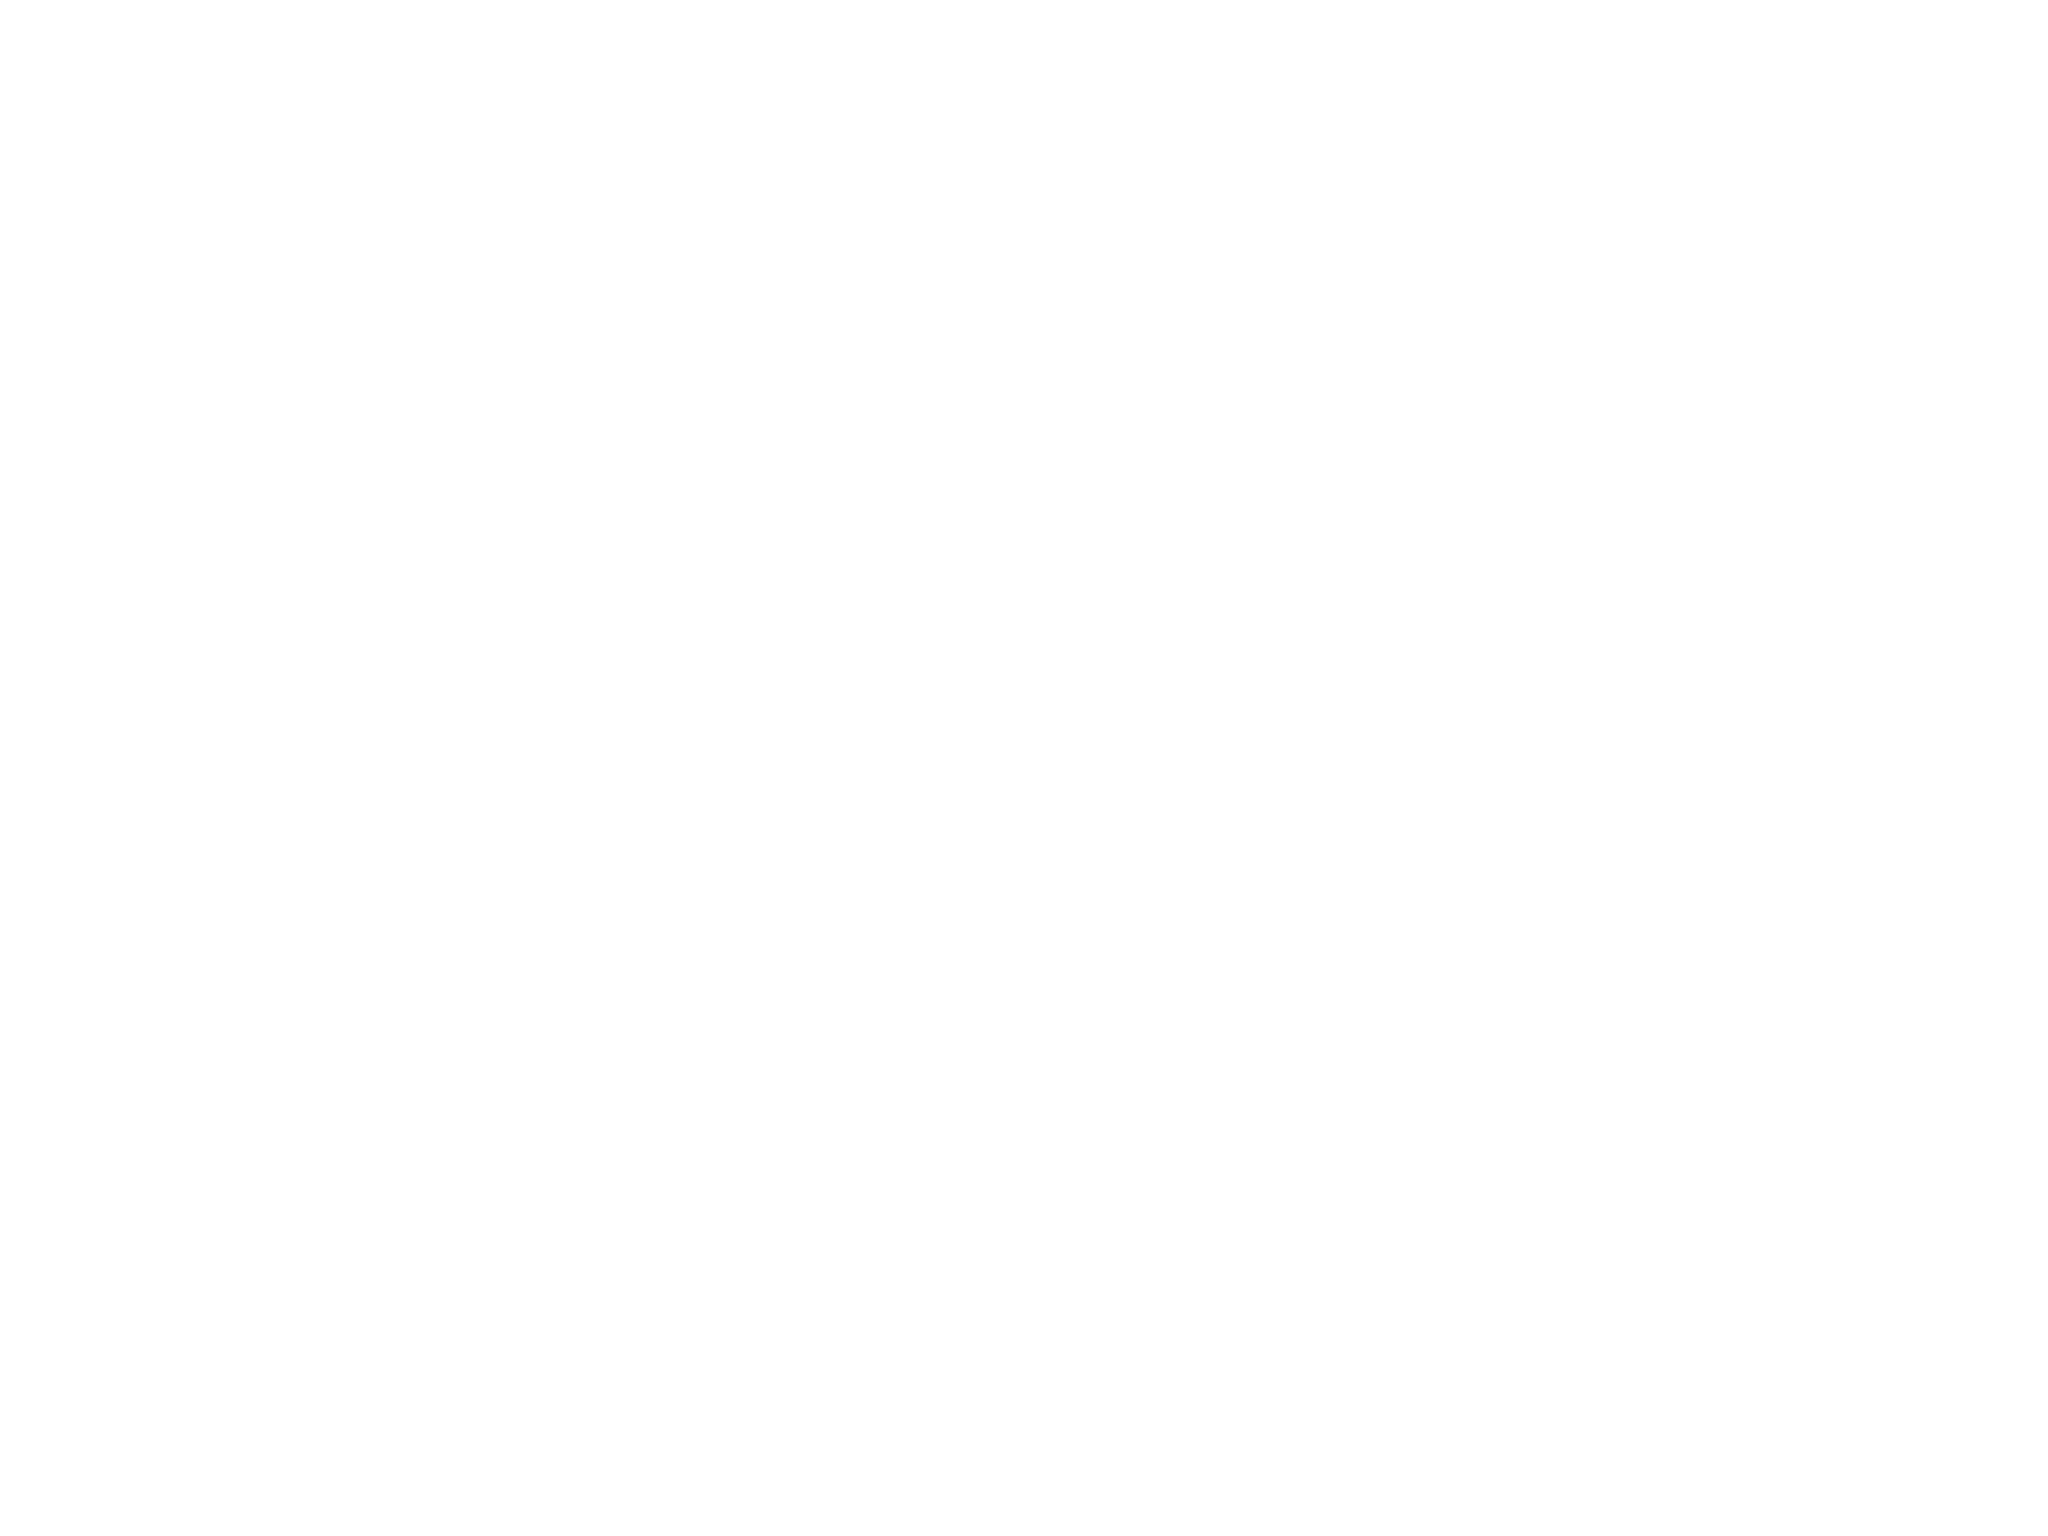 La Société Blaise était présente au Salon Innotrans 2018